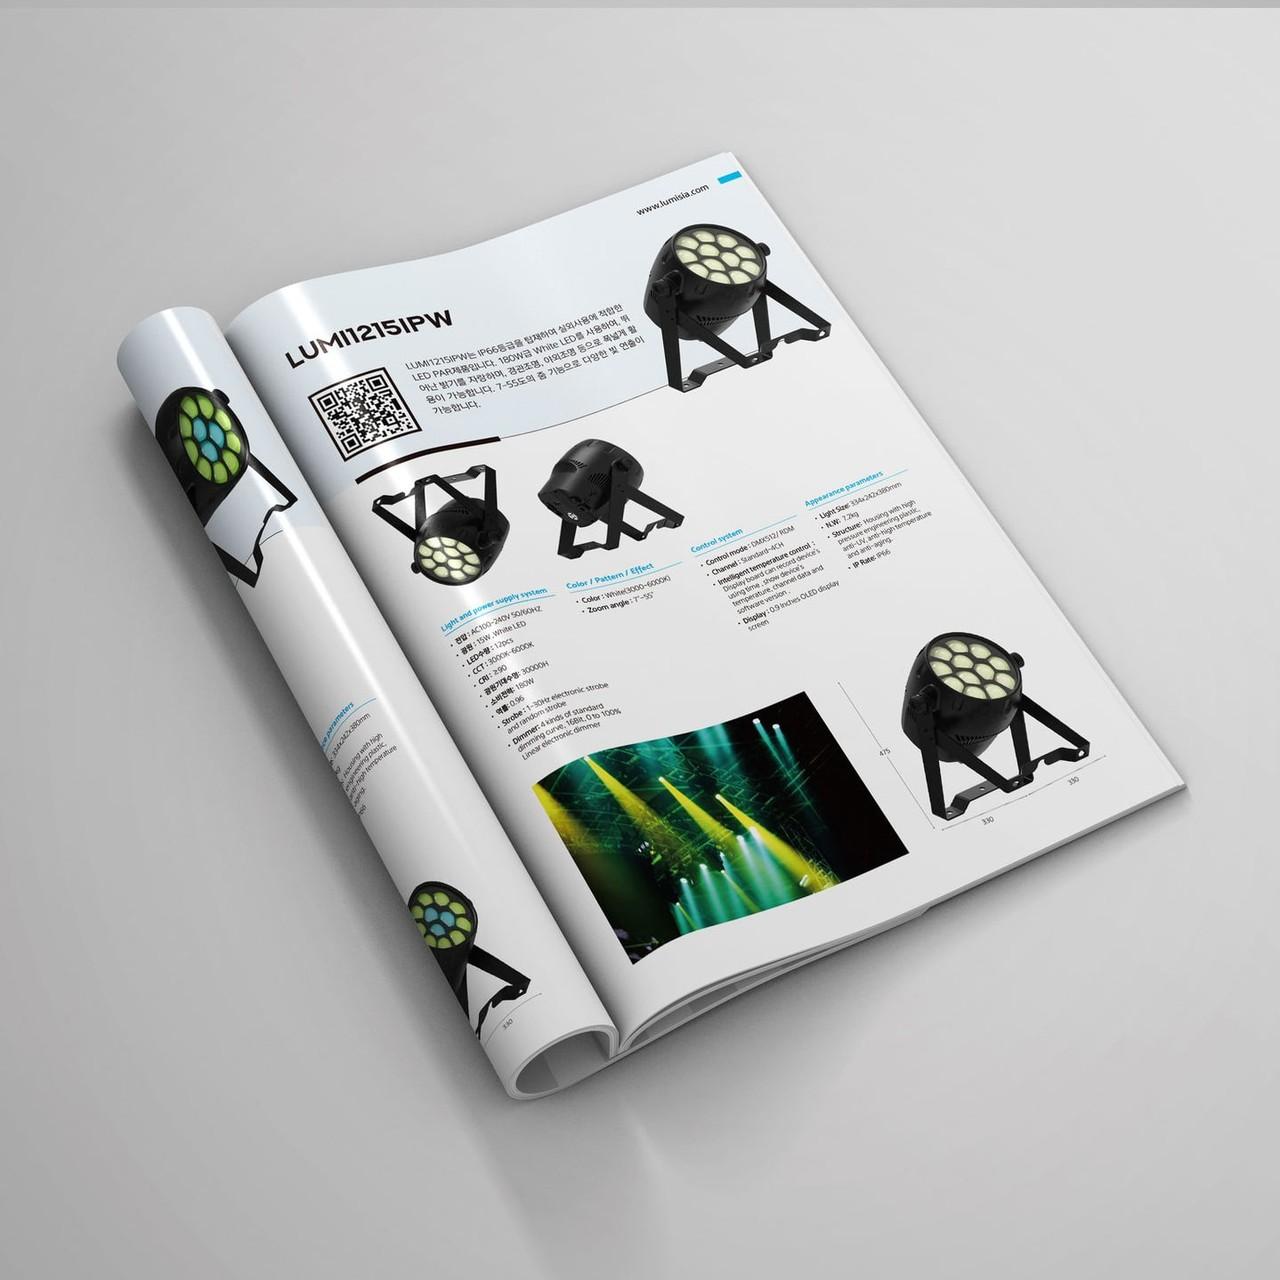 기린정밀 조명 카탈로그 디자인 시안  - 기린정밀